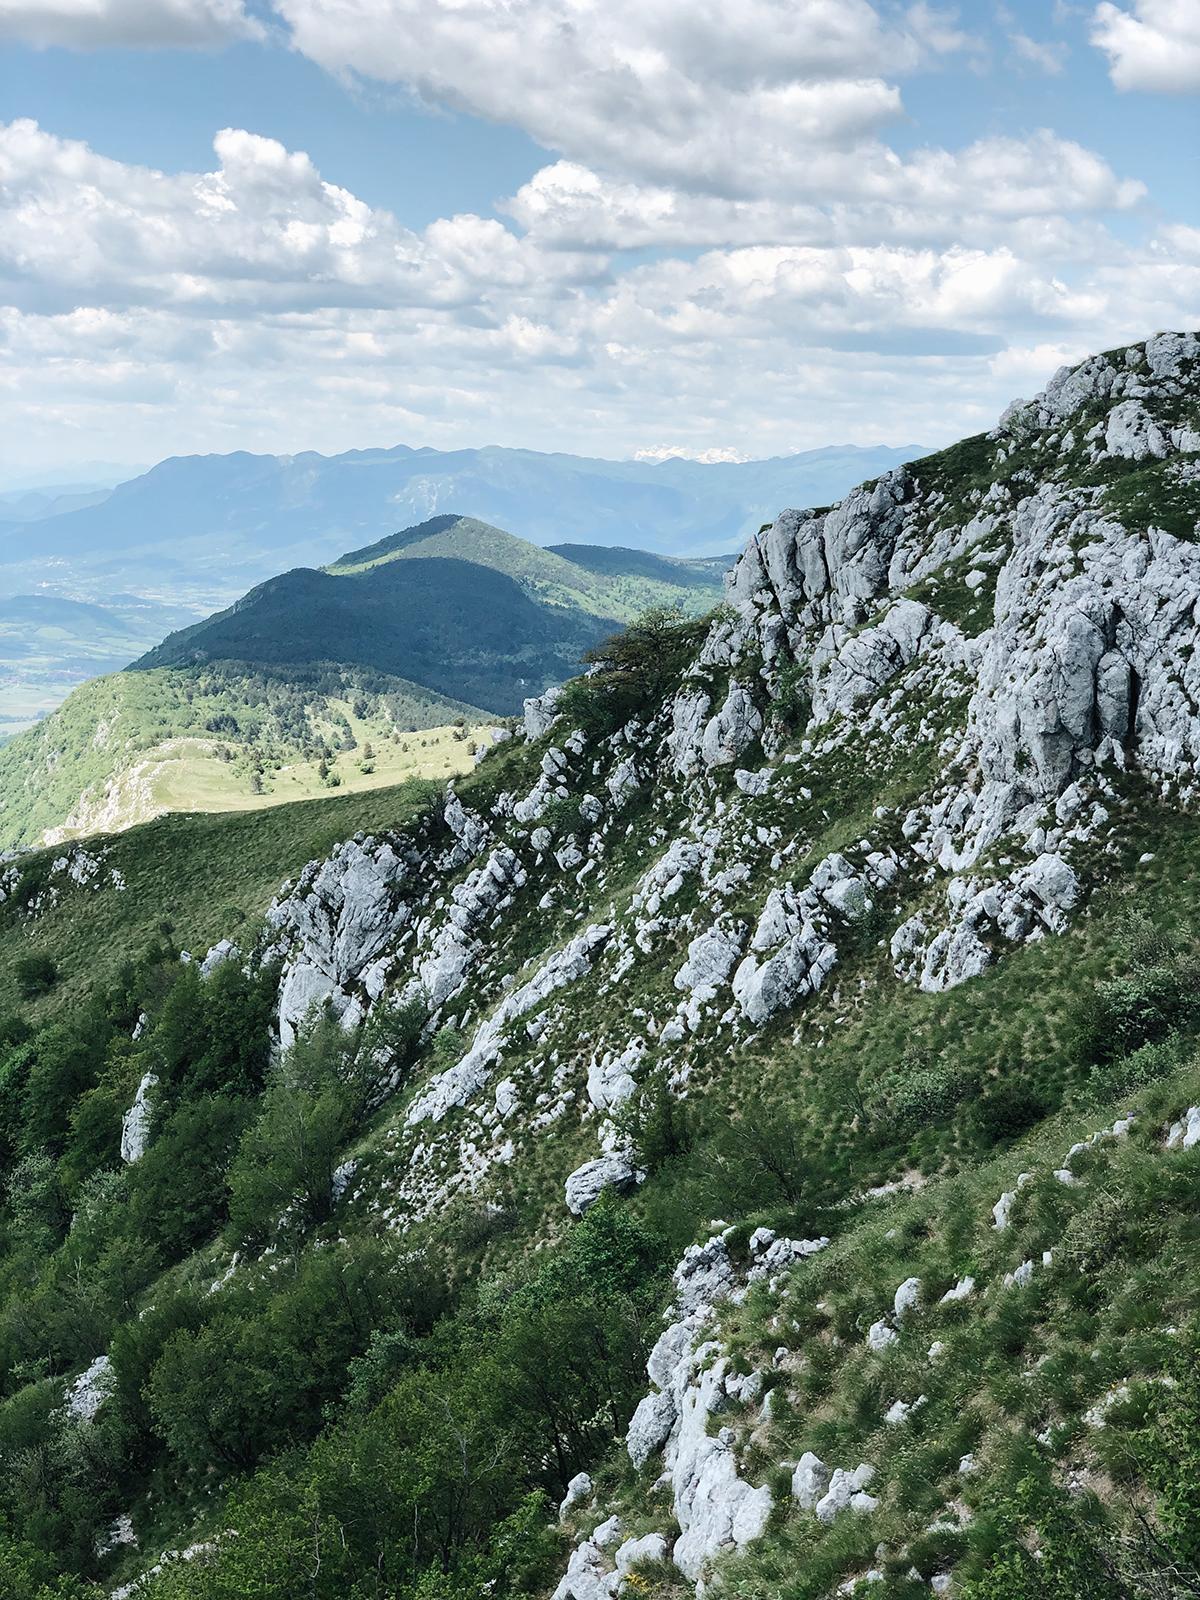 ohranimo-naravo-čisto-in-neokrnjeno-lili-in-roza-blog-skrb-za-okolje-gozd-5.JPG